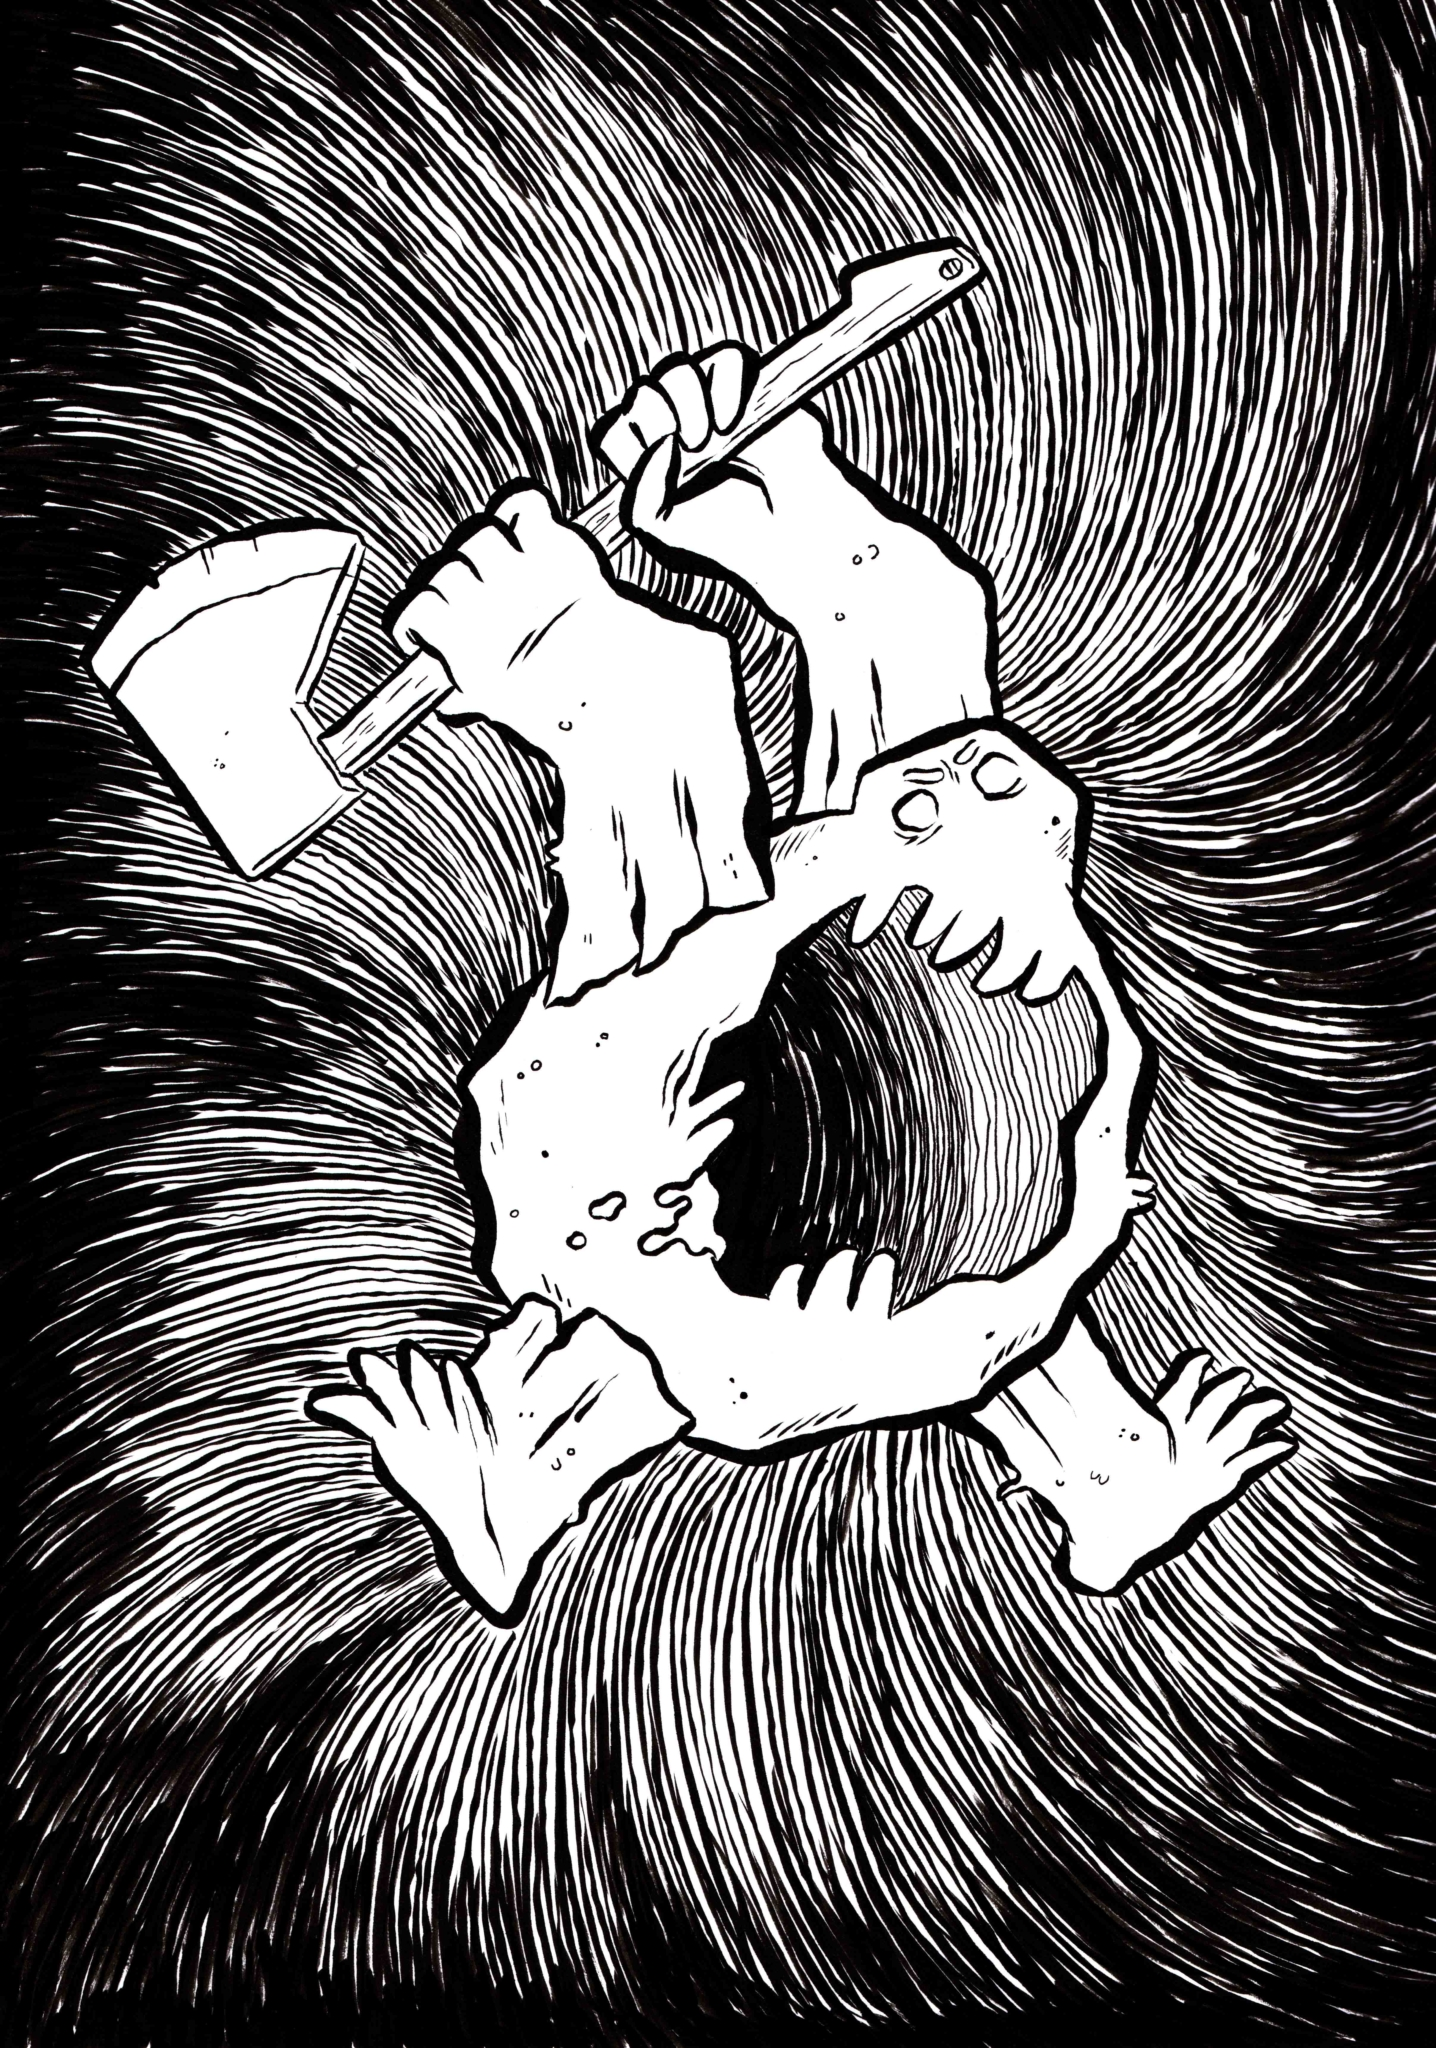 2D Rock Monster Black and White Illustration